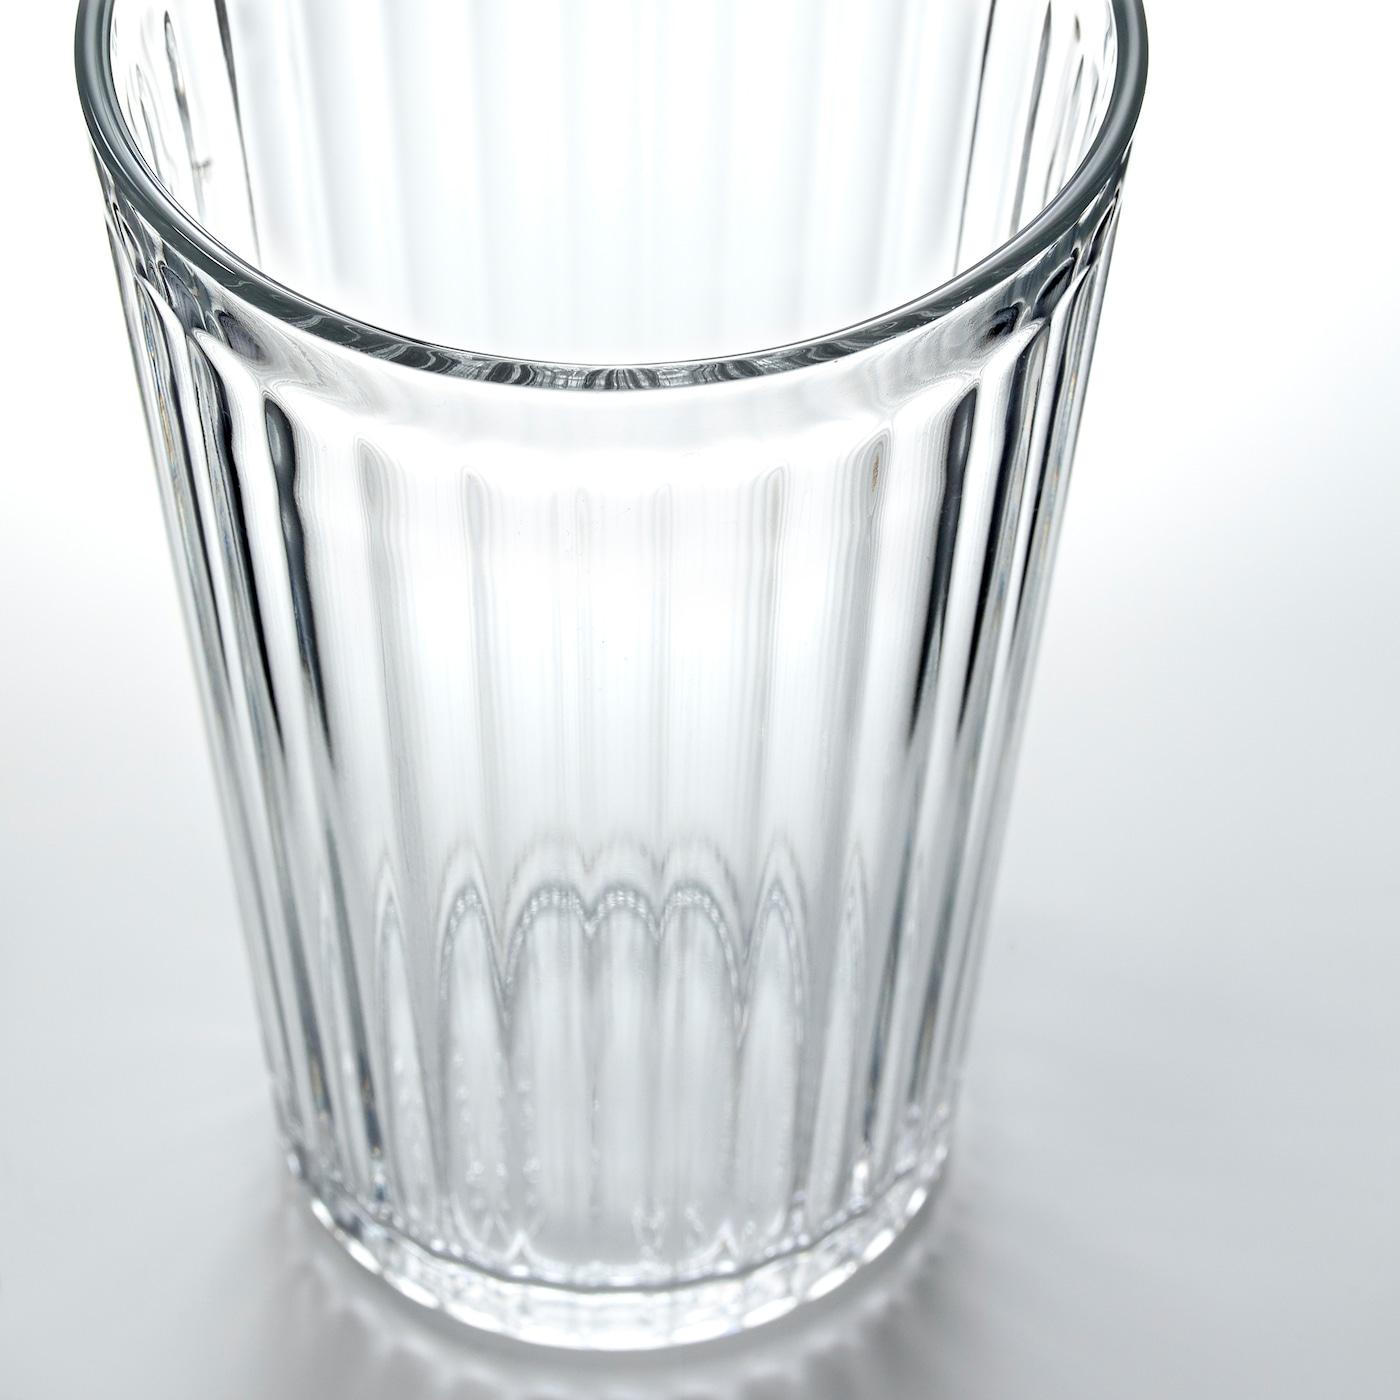 VARDAGEN Čaša, prozirno staklo, 43 cl